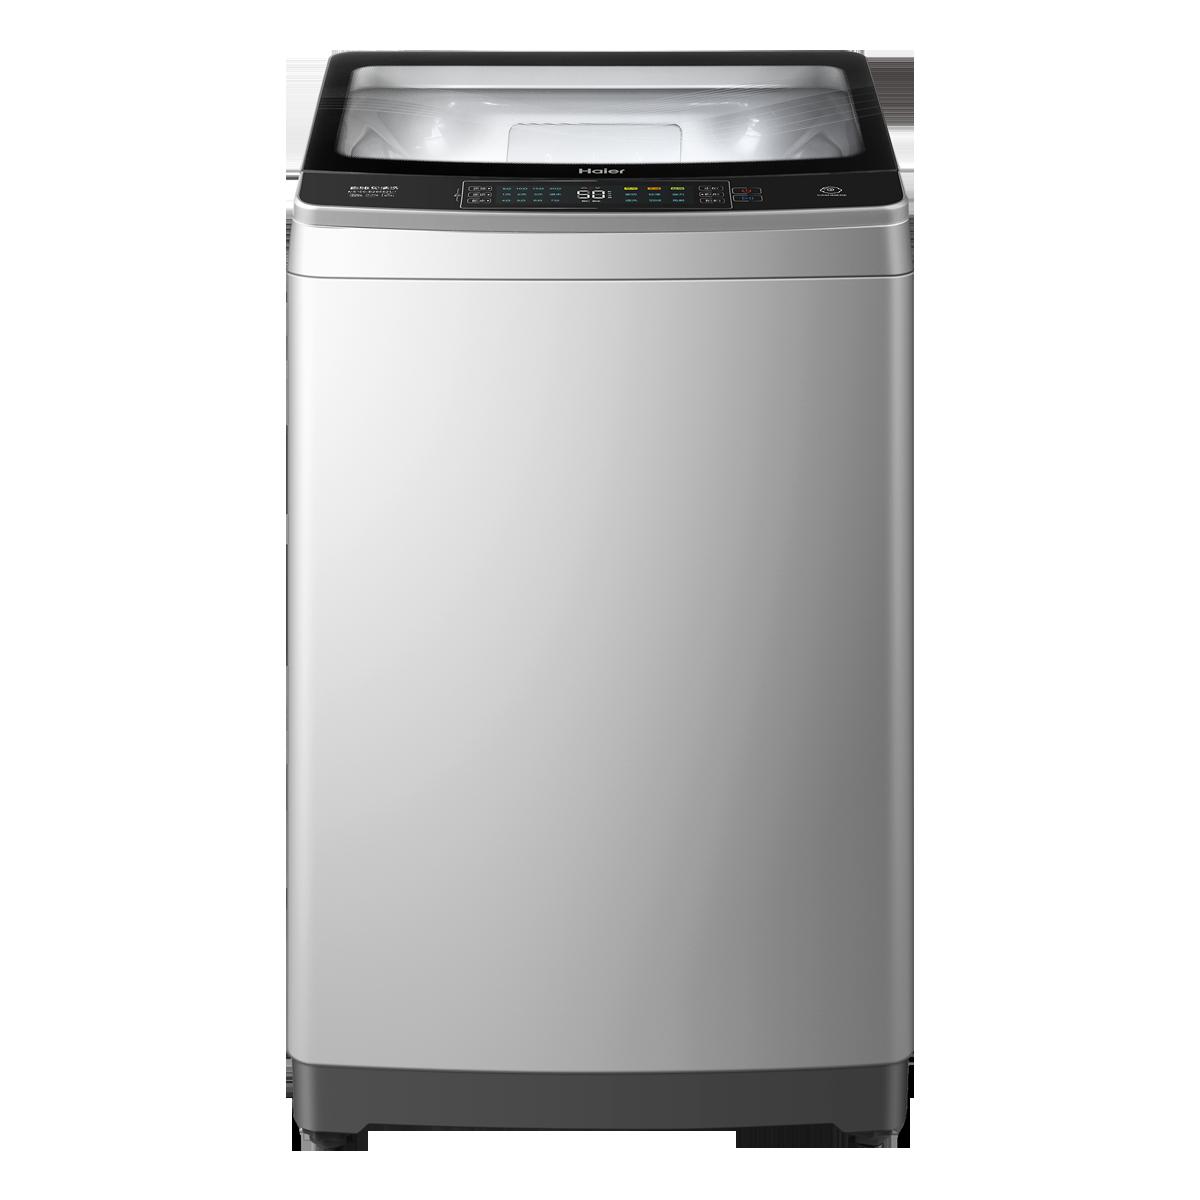 海尔Haier洗衣机 MS100-BZ858ZU1 说明书